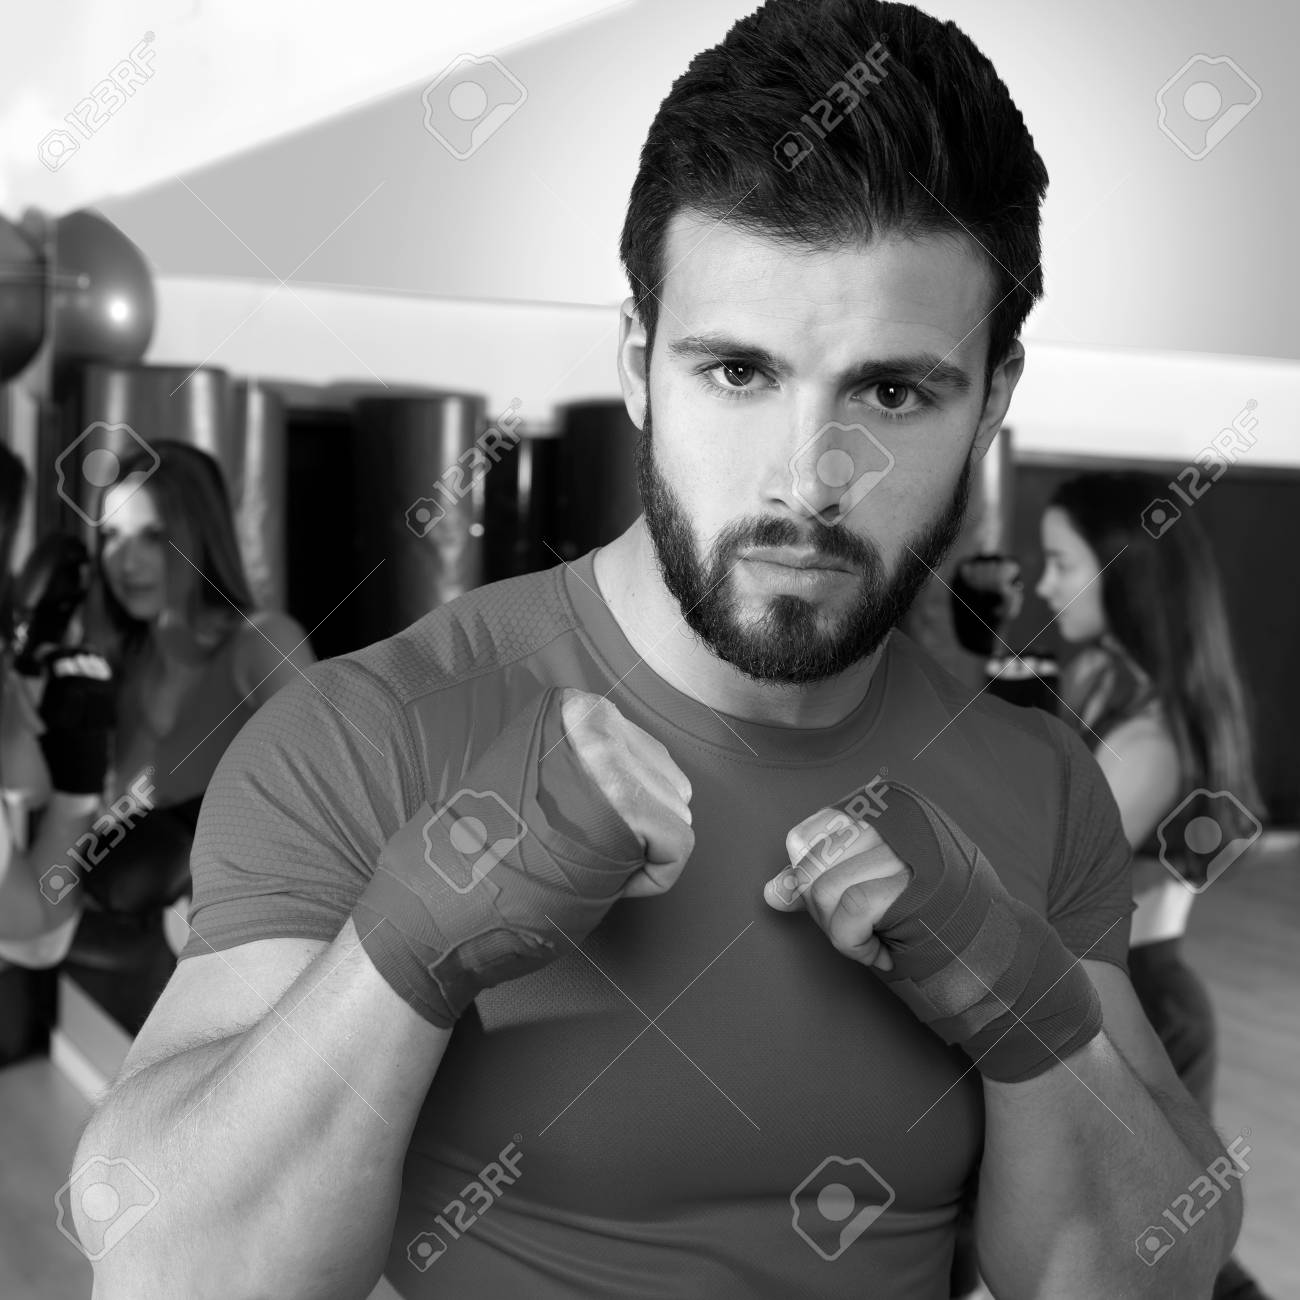 Banque d images - Boxe aéroboxe homme portrait de la condition physique  séance d entraînement de gymnastique c6d46e1e235